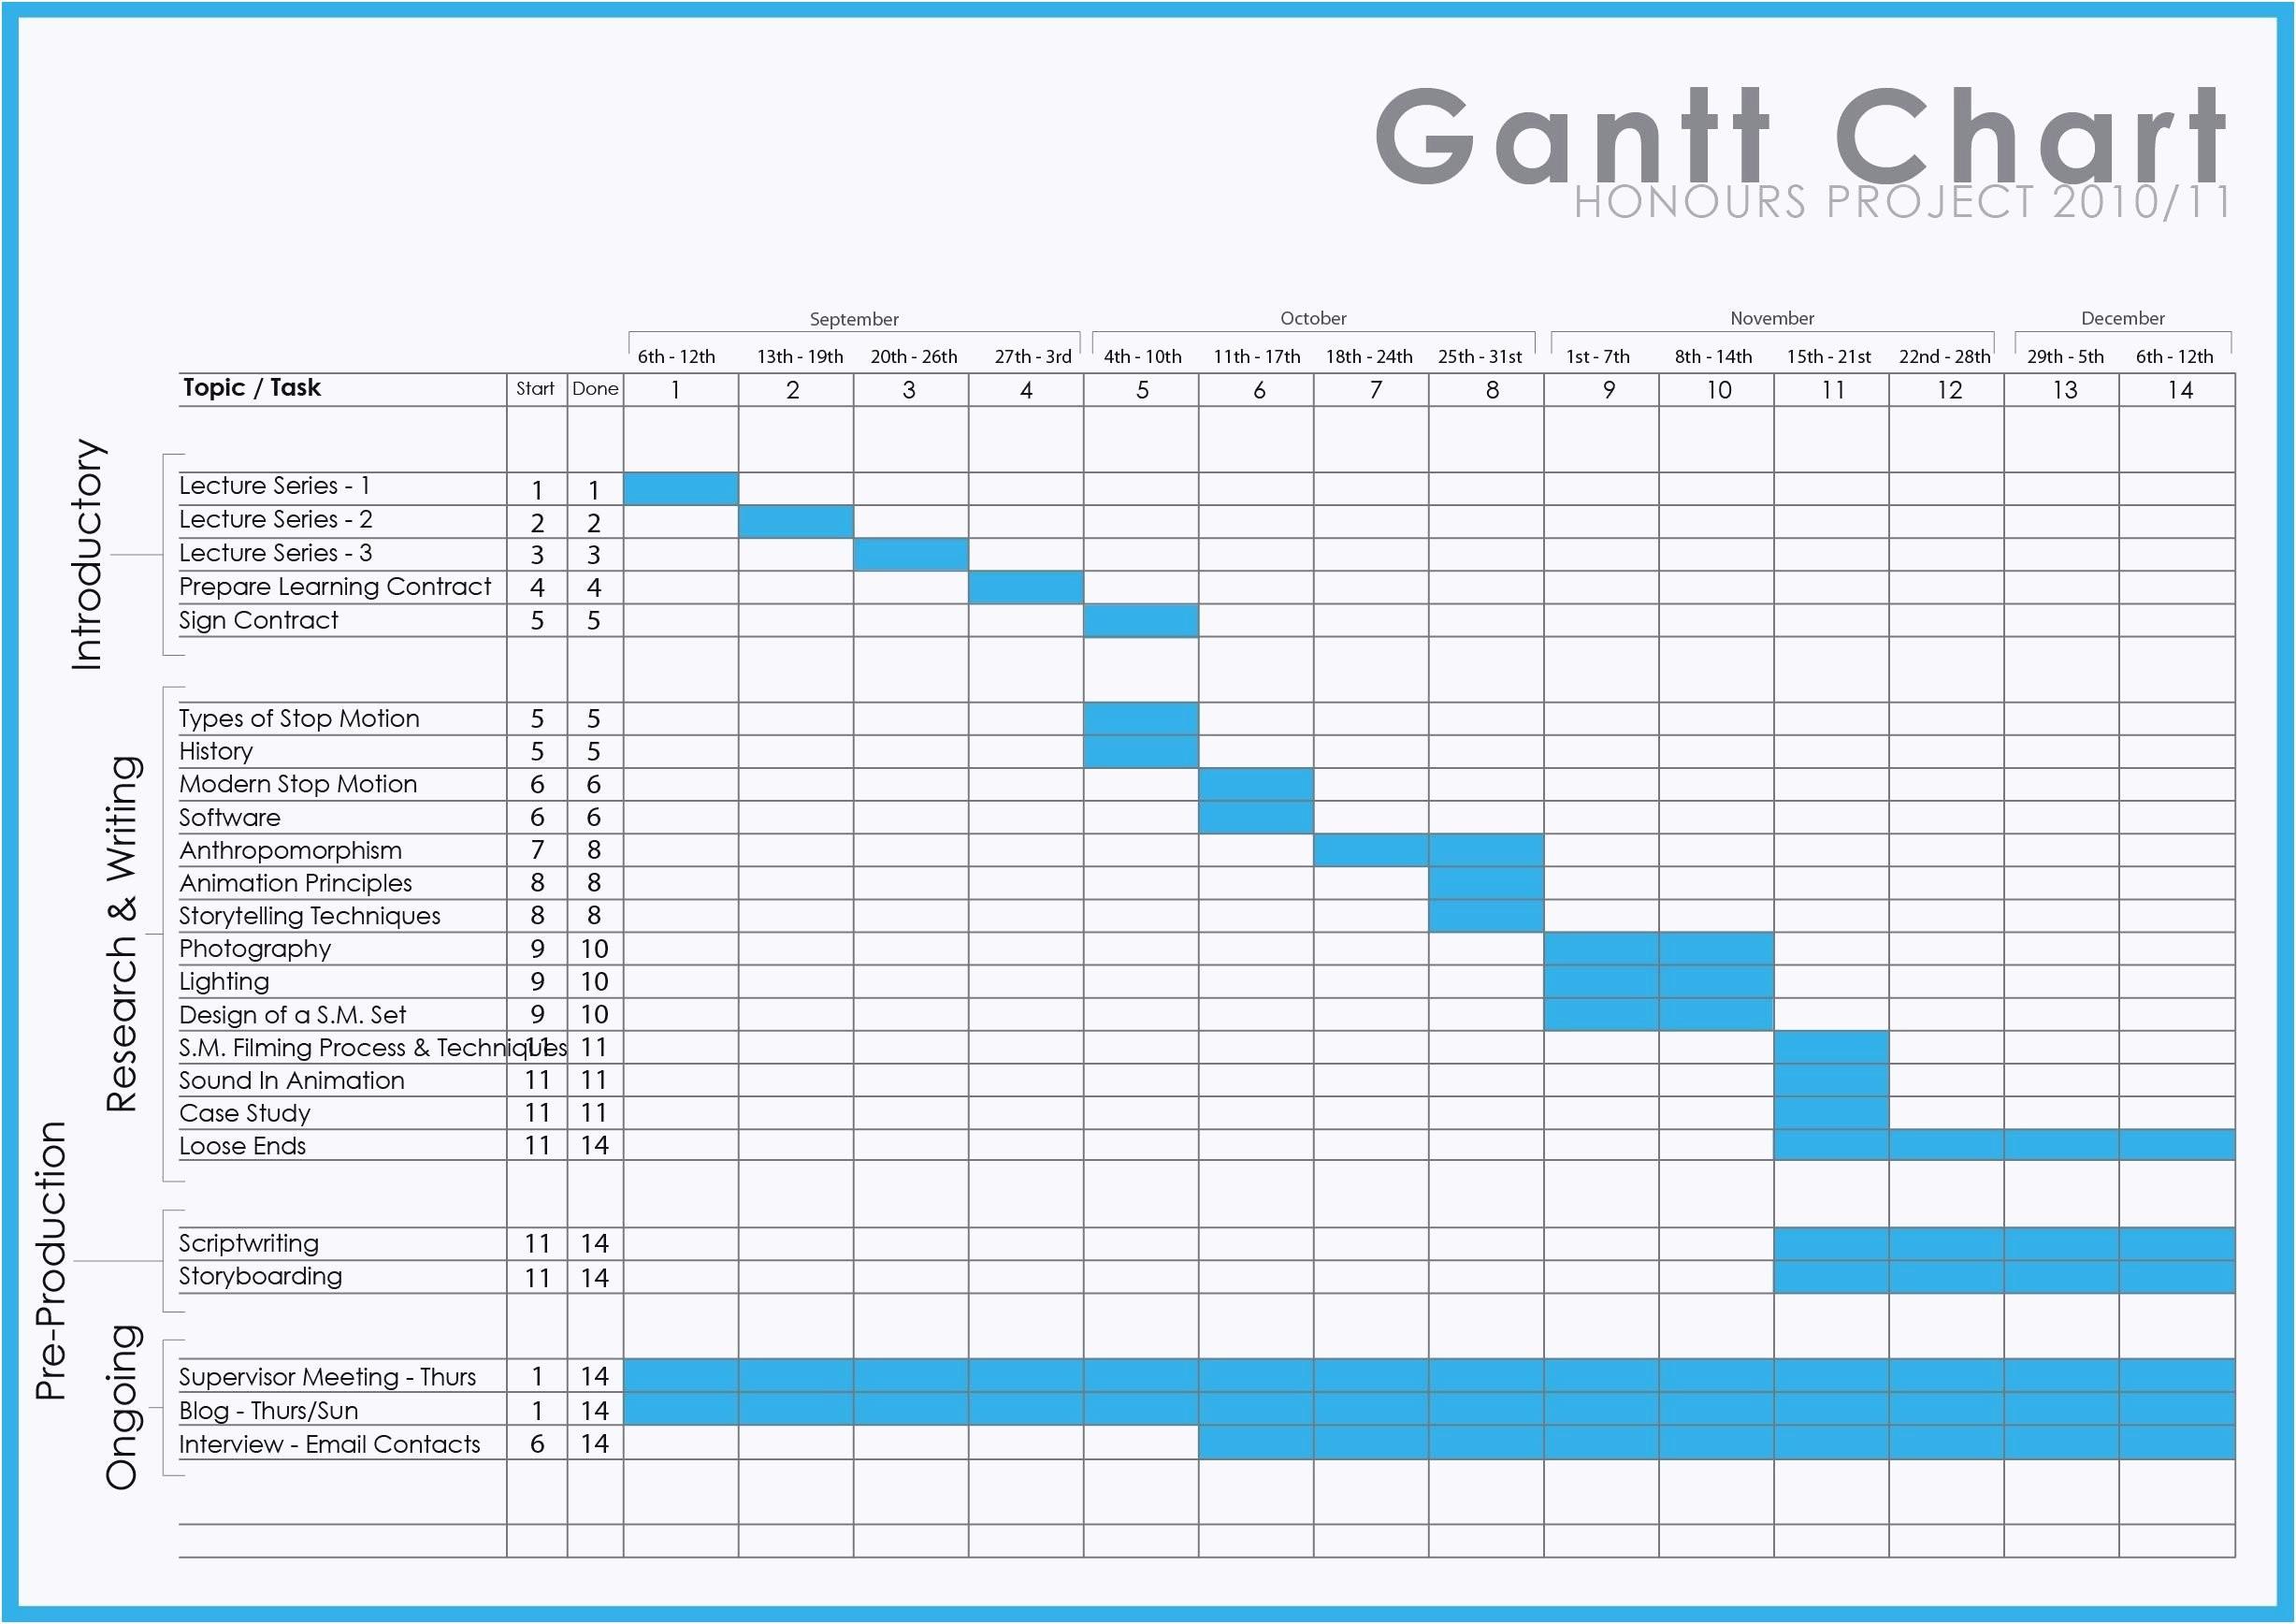 30 Inspirational Gantt Chart Excel Template Download - Free Chart Inside Gantt Chart Spreadsheet